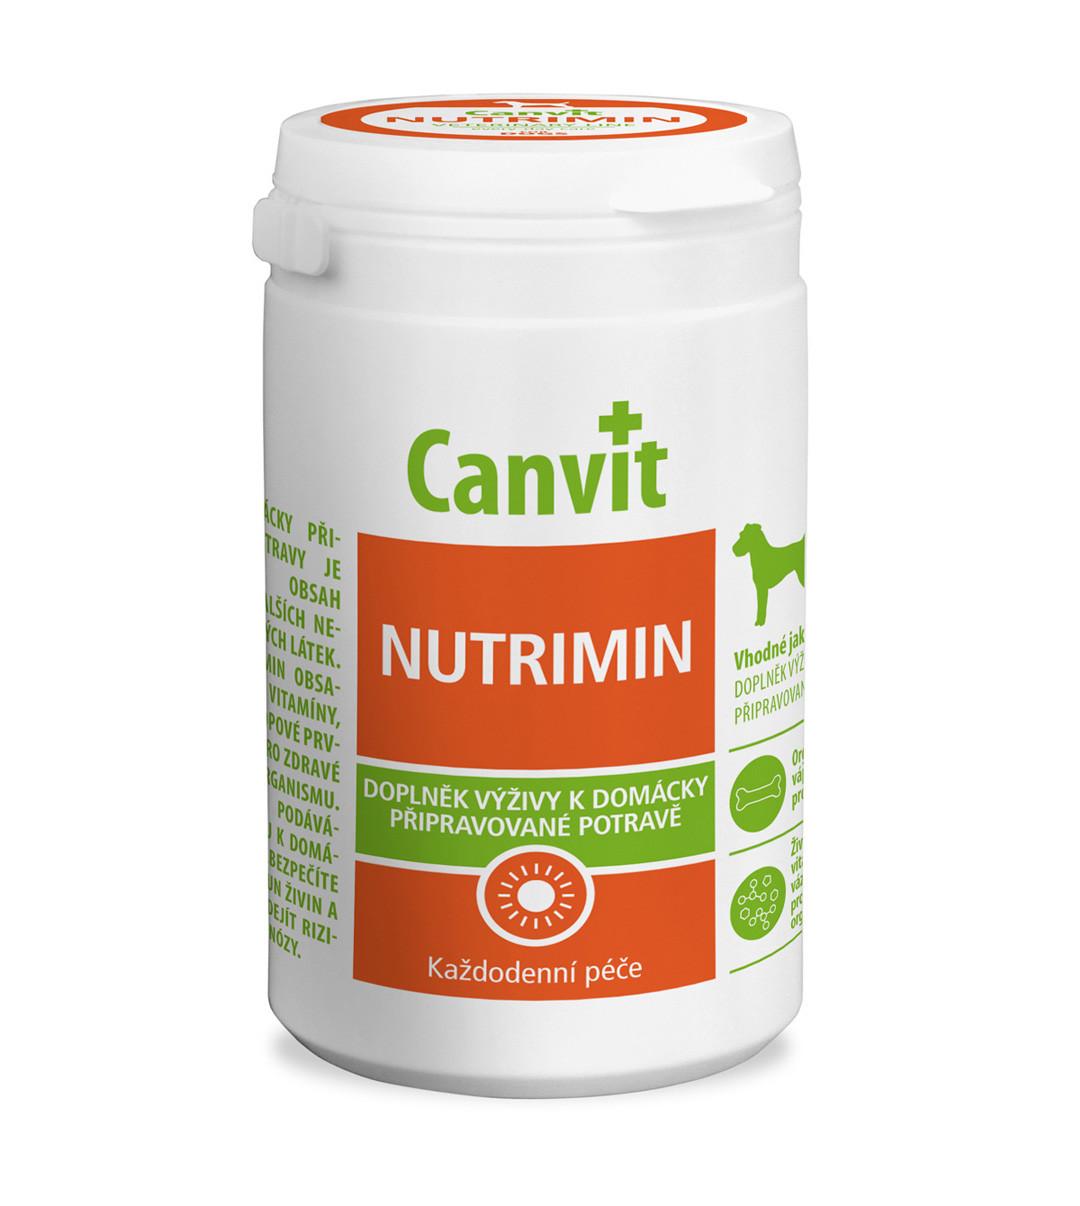 Витаминно-минеральный комплекс для собак при натуральном кормлении Canvit Nutrimin 230 г